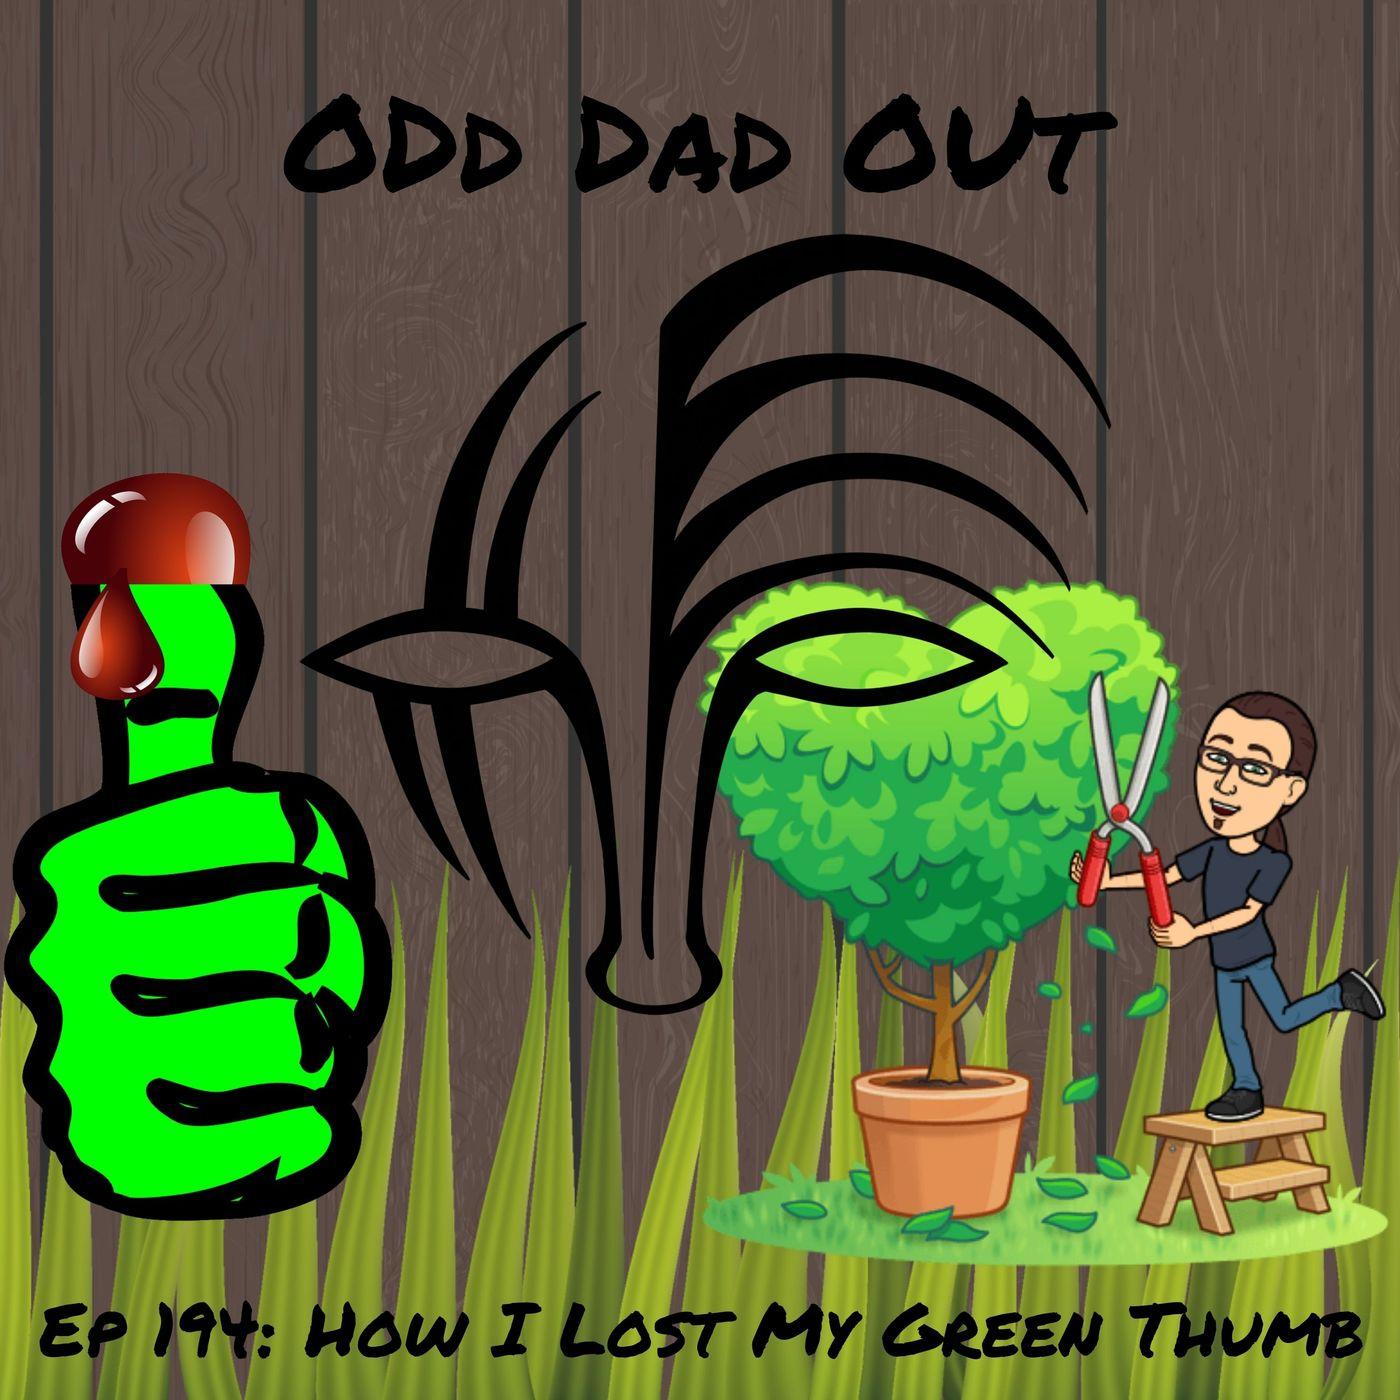 How I Lost My Green Thumb: ODO 194